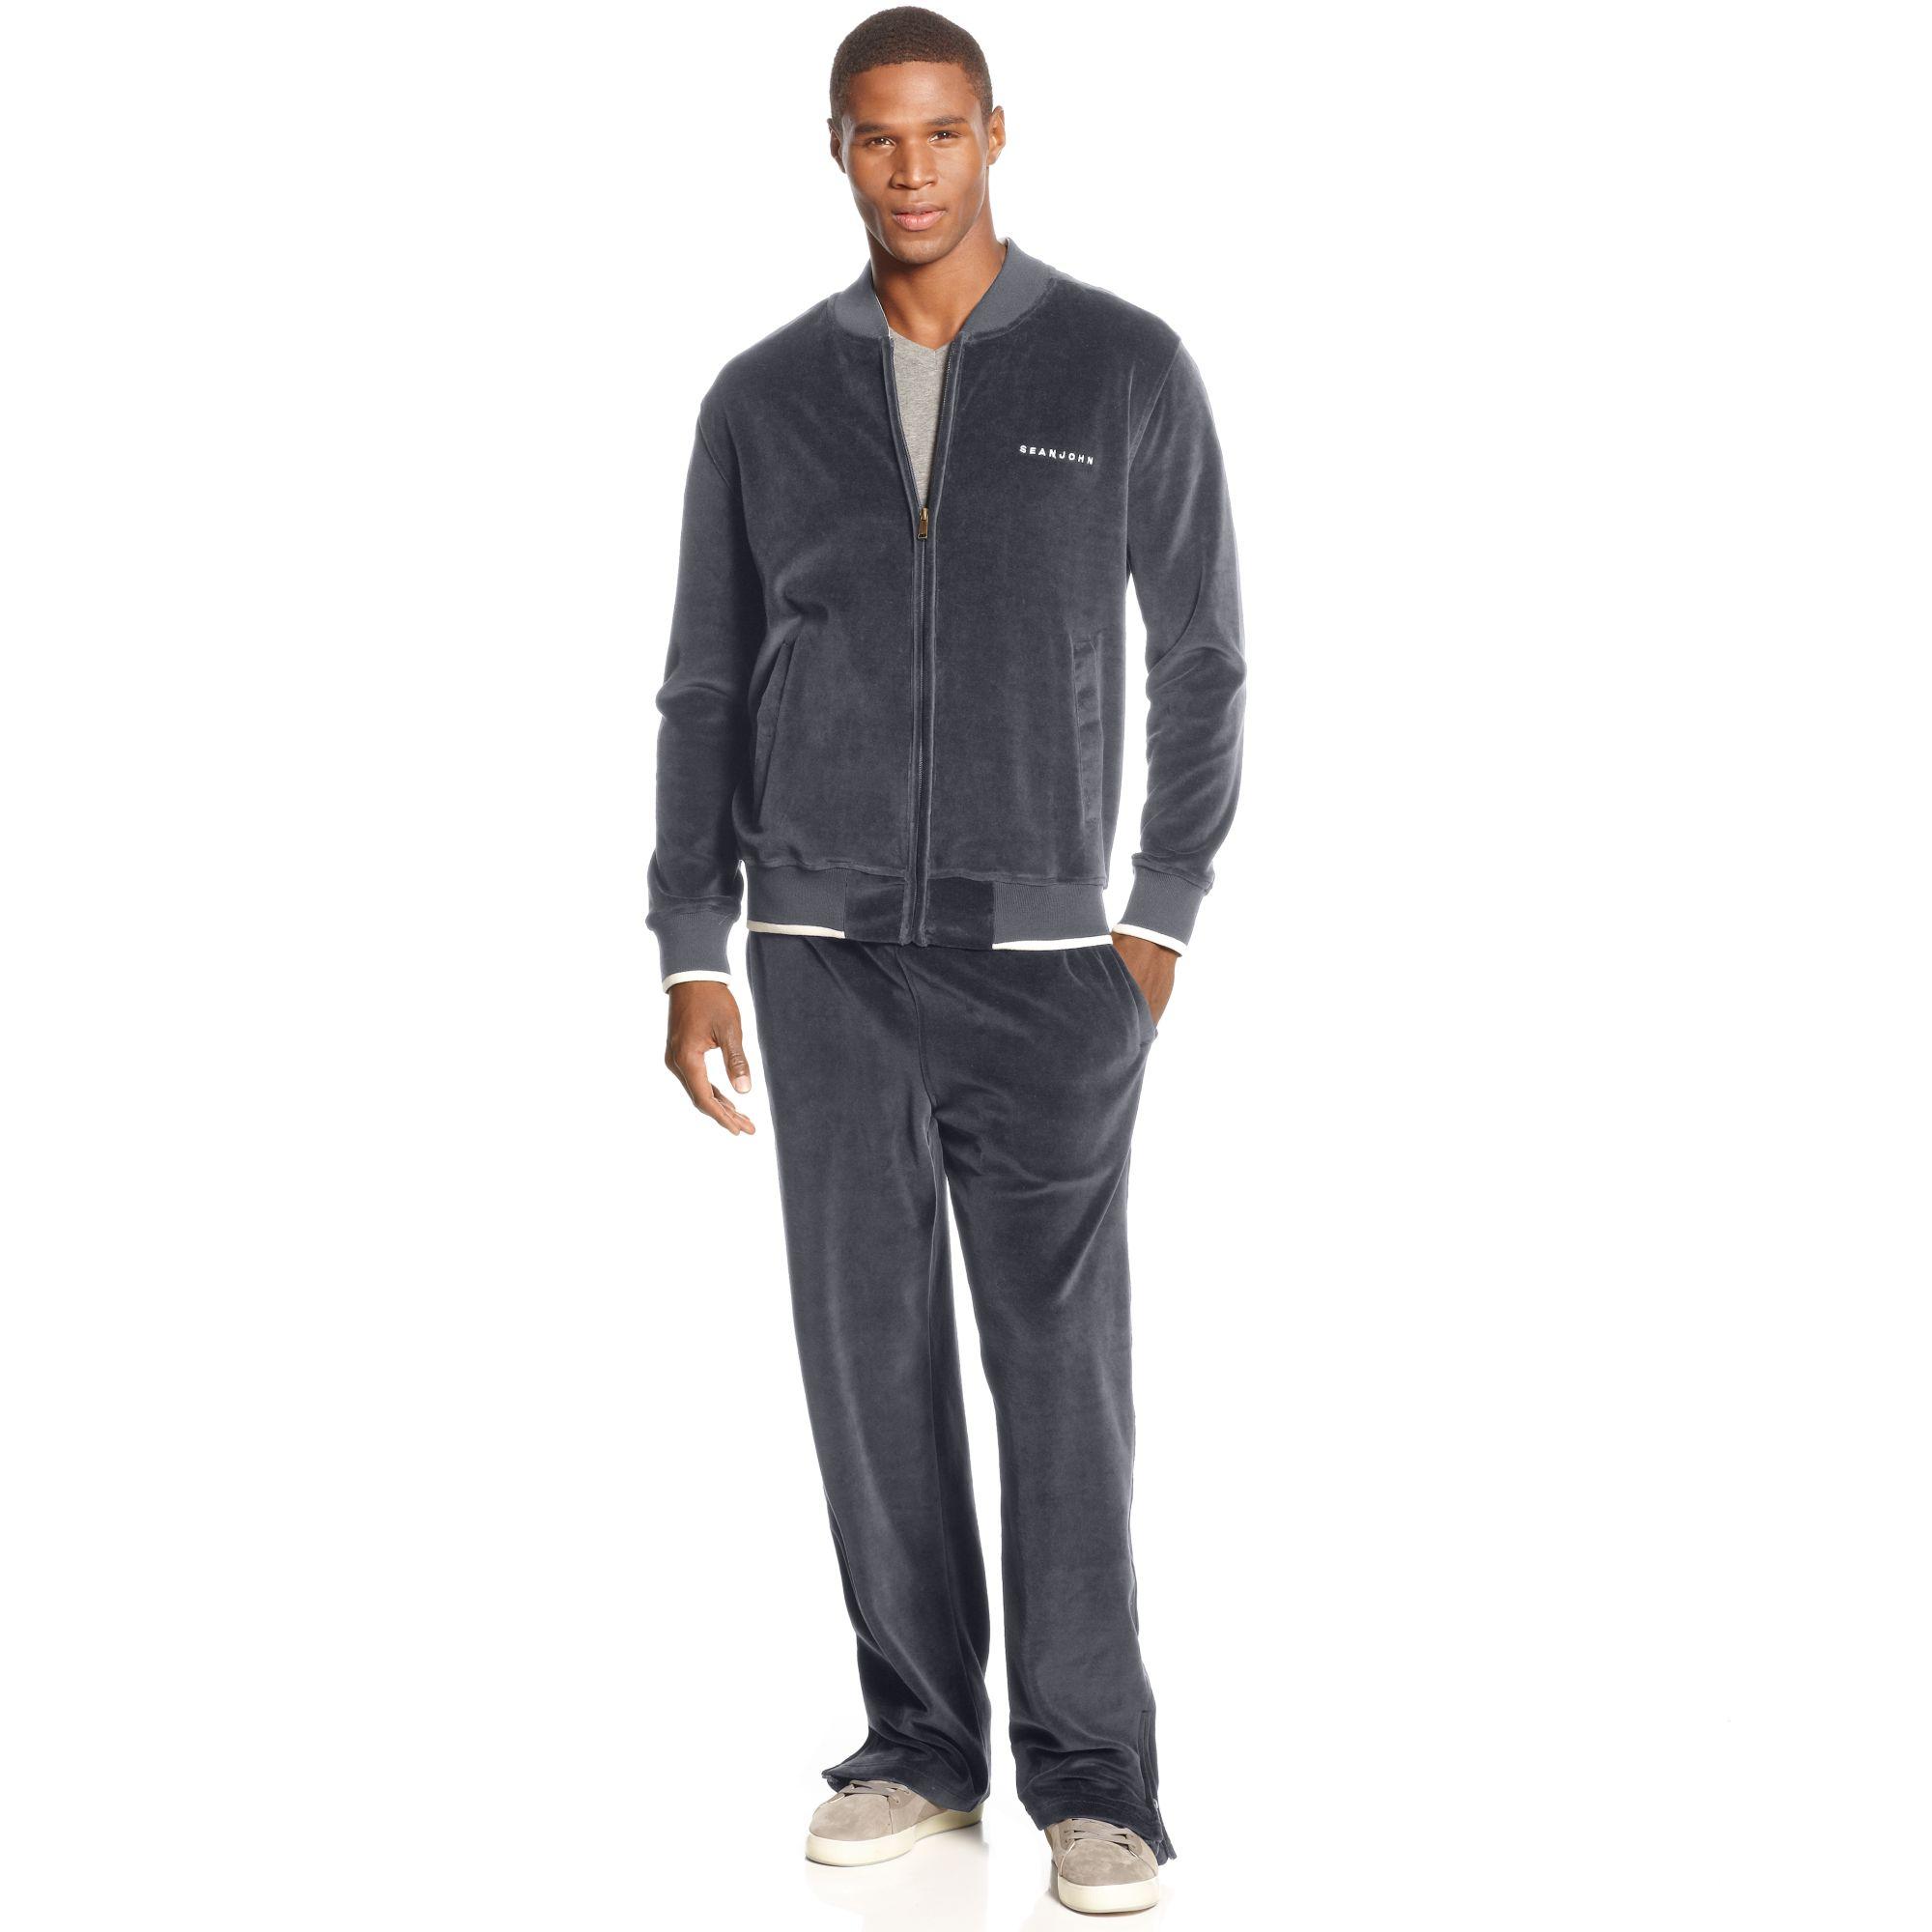 Sean John Velour Hook Up Track Suit In Gray For Men